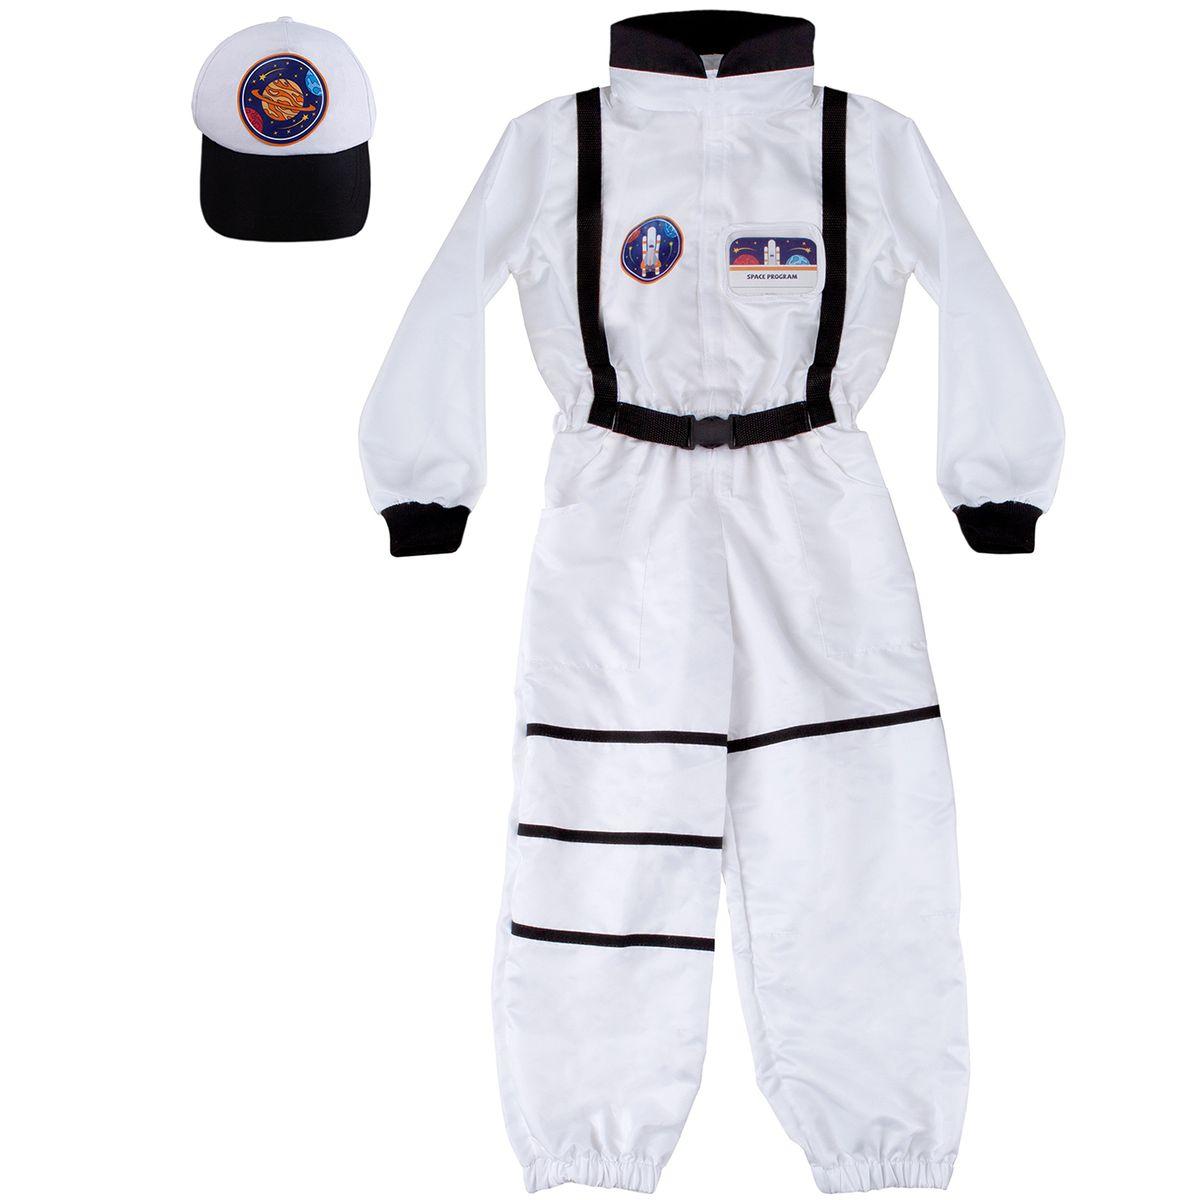 Astronauten Kostüm für Kinder Weltraumforscher mit Basecape 5-6 Jahre Fasching Rollenspiel Karneval Kindergeburtstag Mottoparty